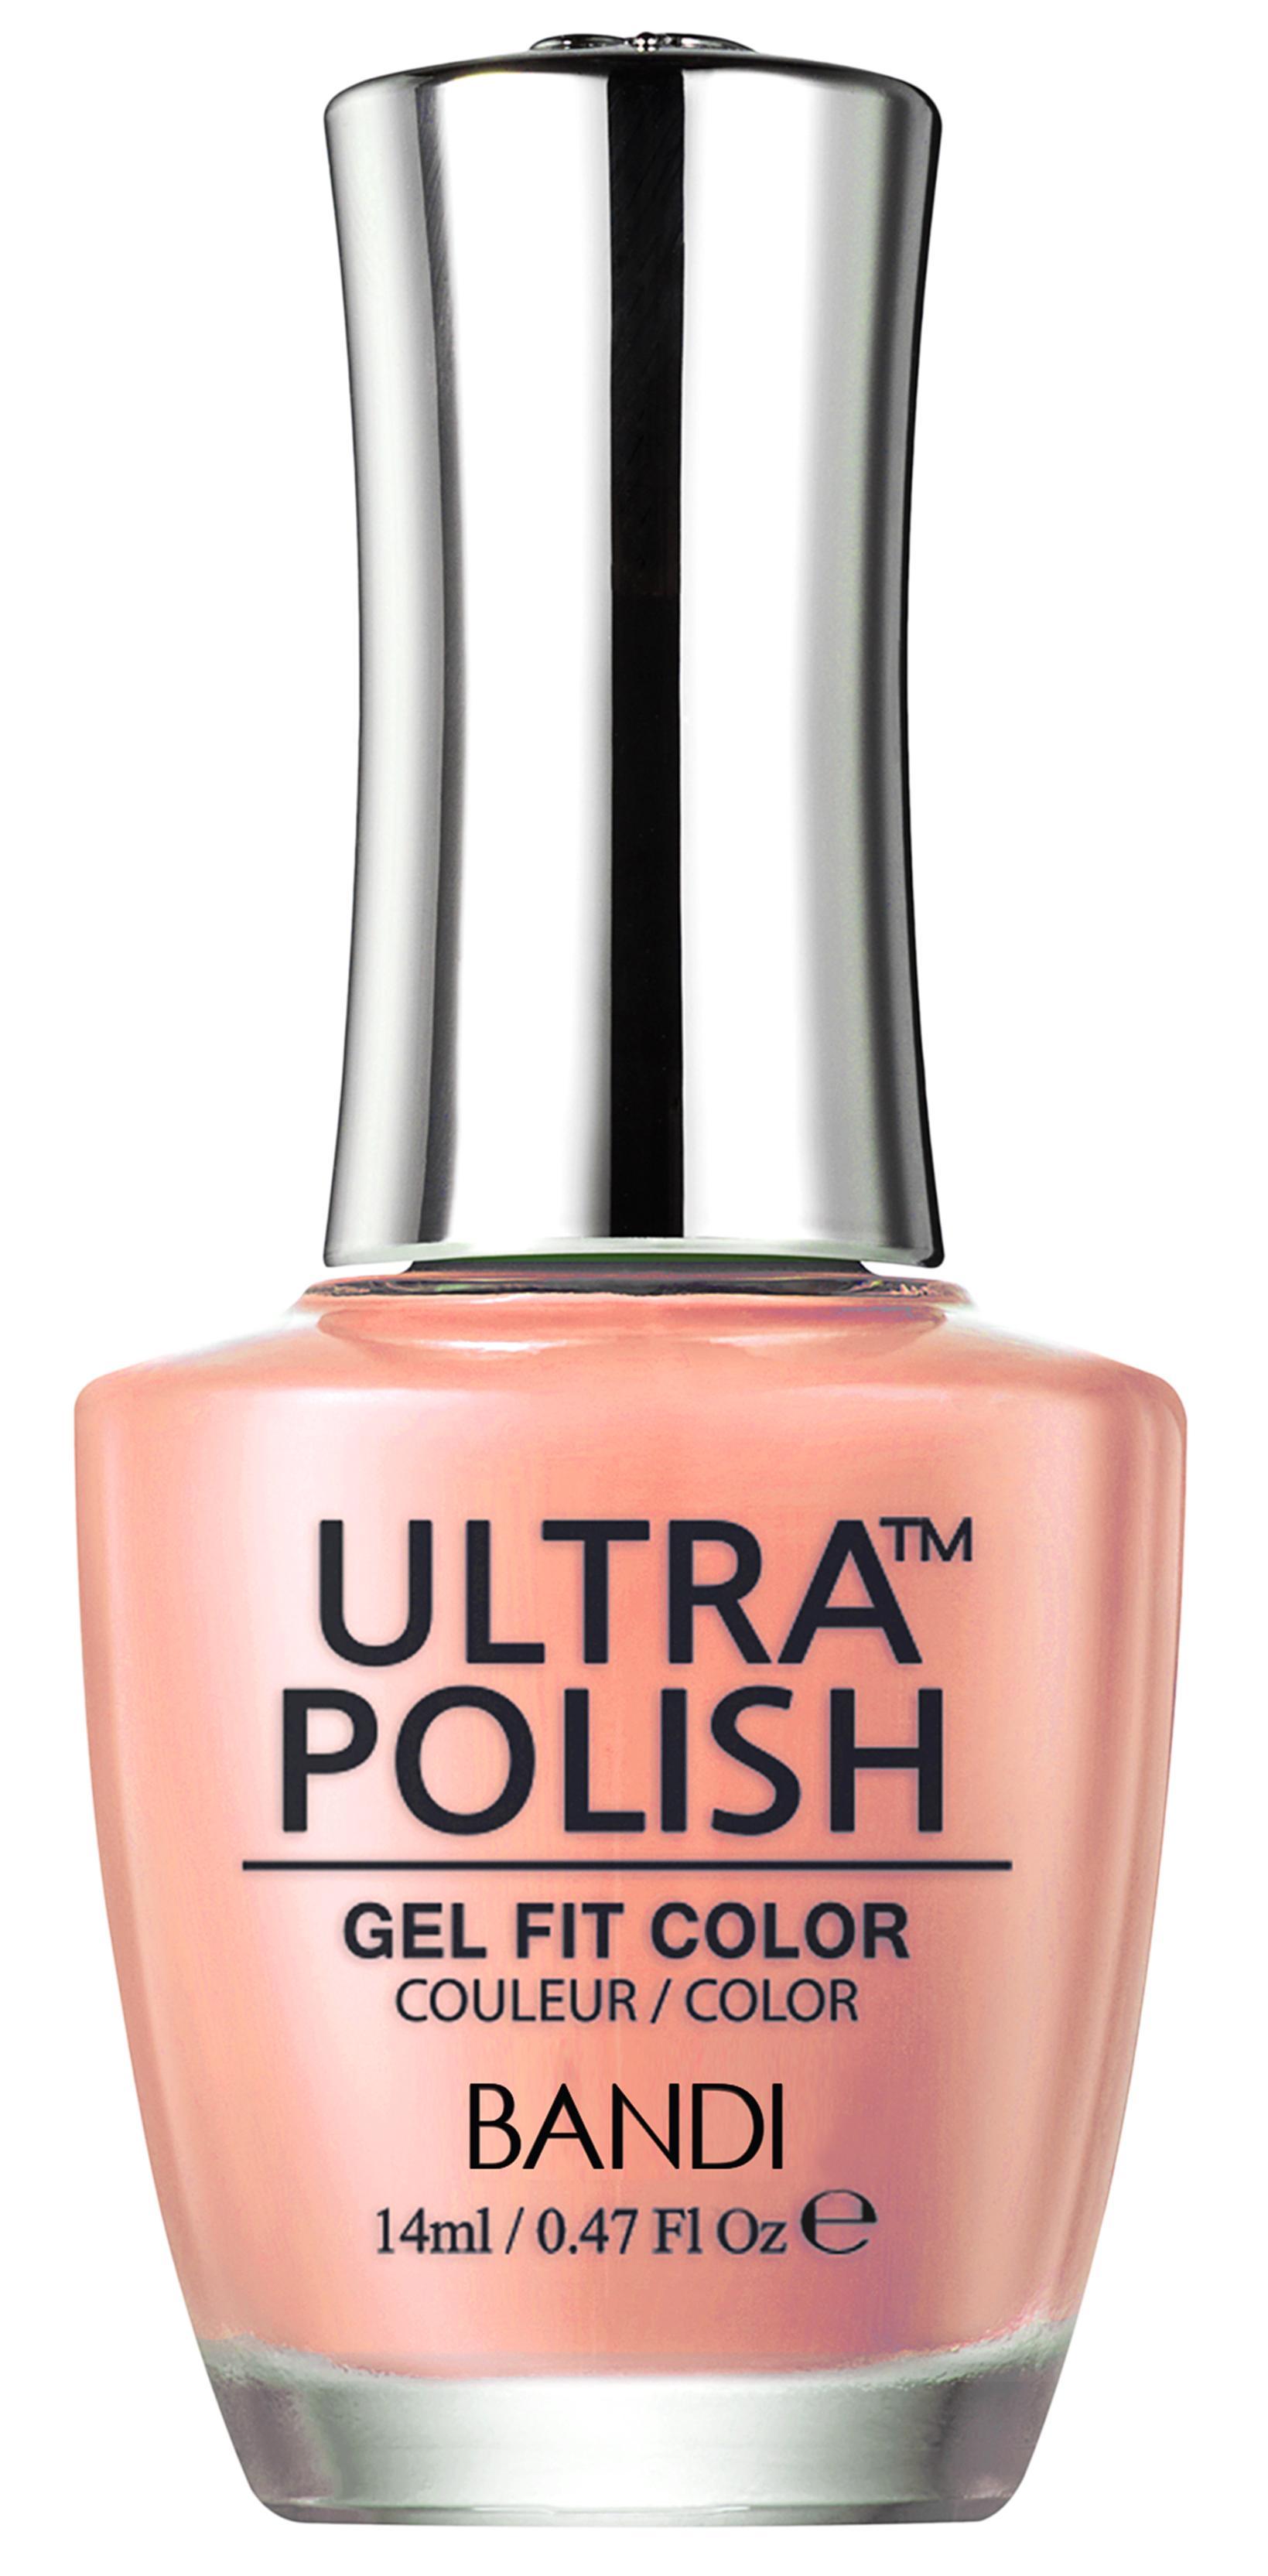 Купить BANDI UP611 ультра-покрытие долговременное цветное для ногтей / ULTRA POLISH GEL FIT COLOR 14 мл, Оранжевые